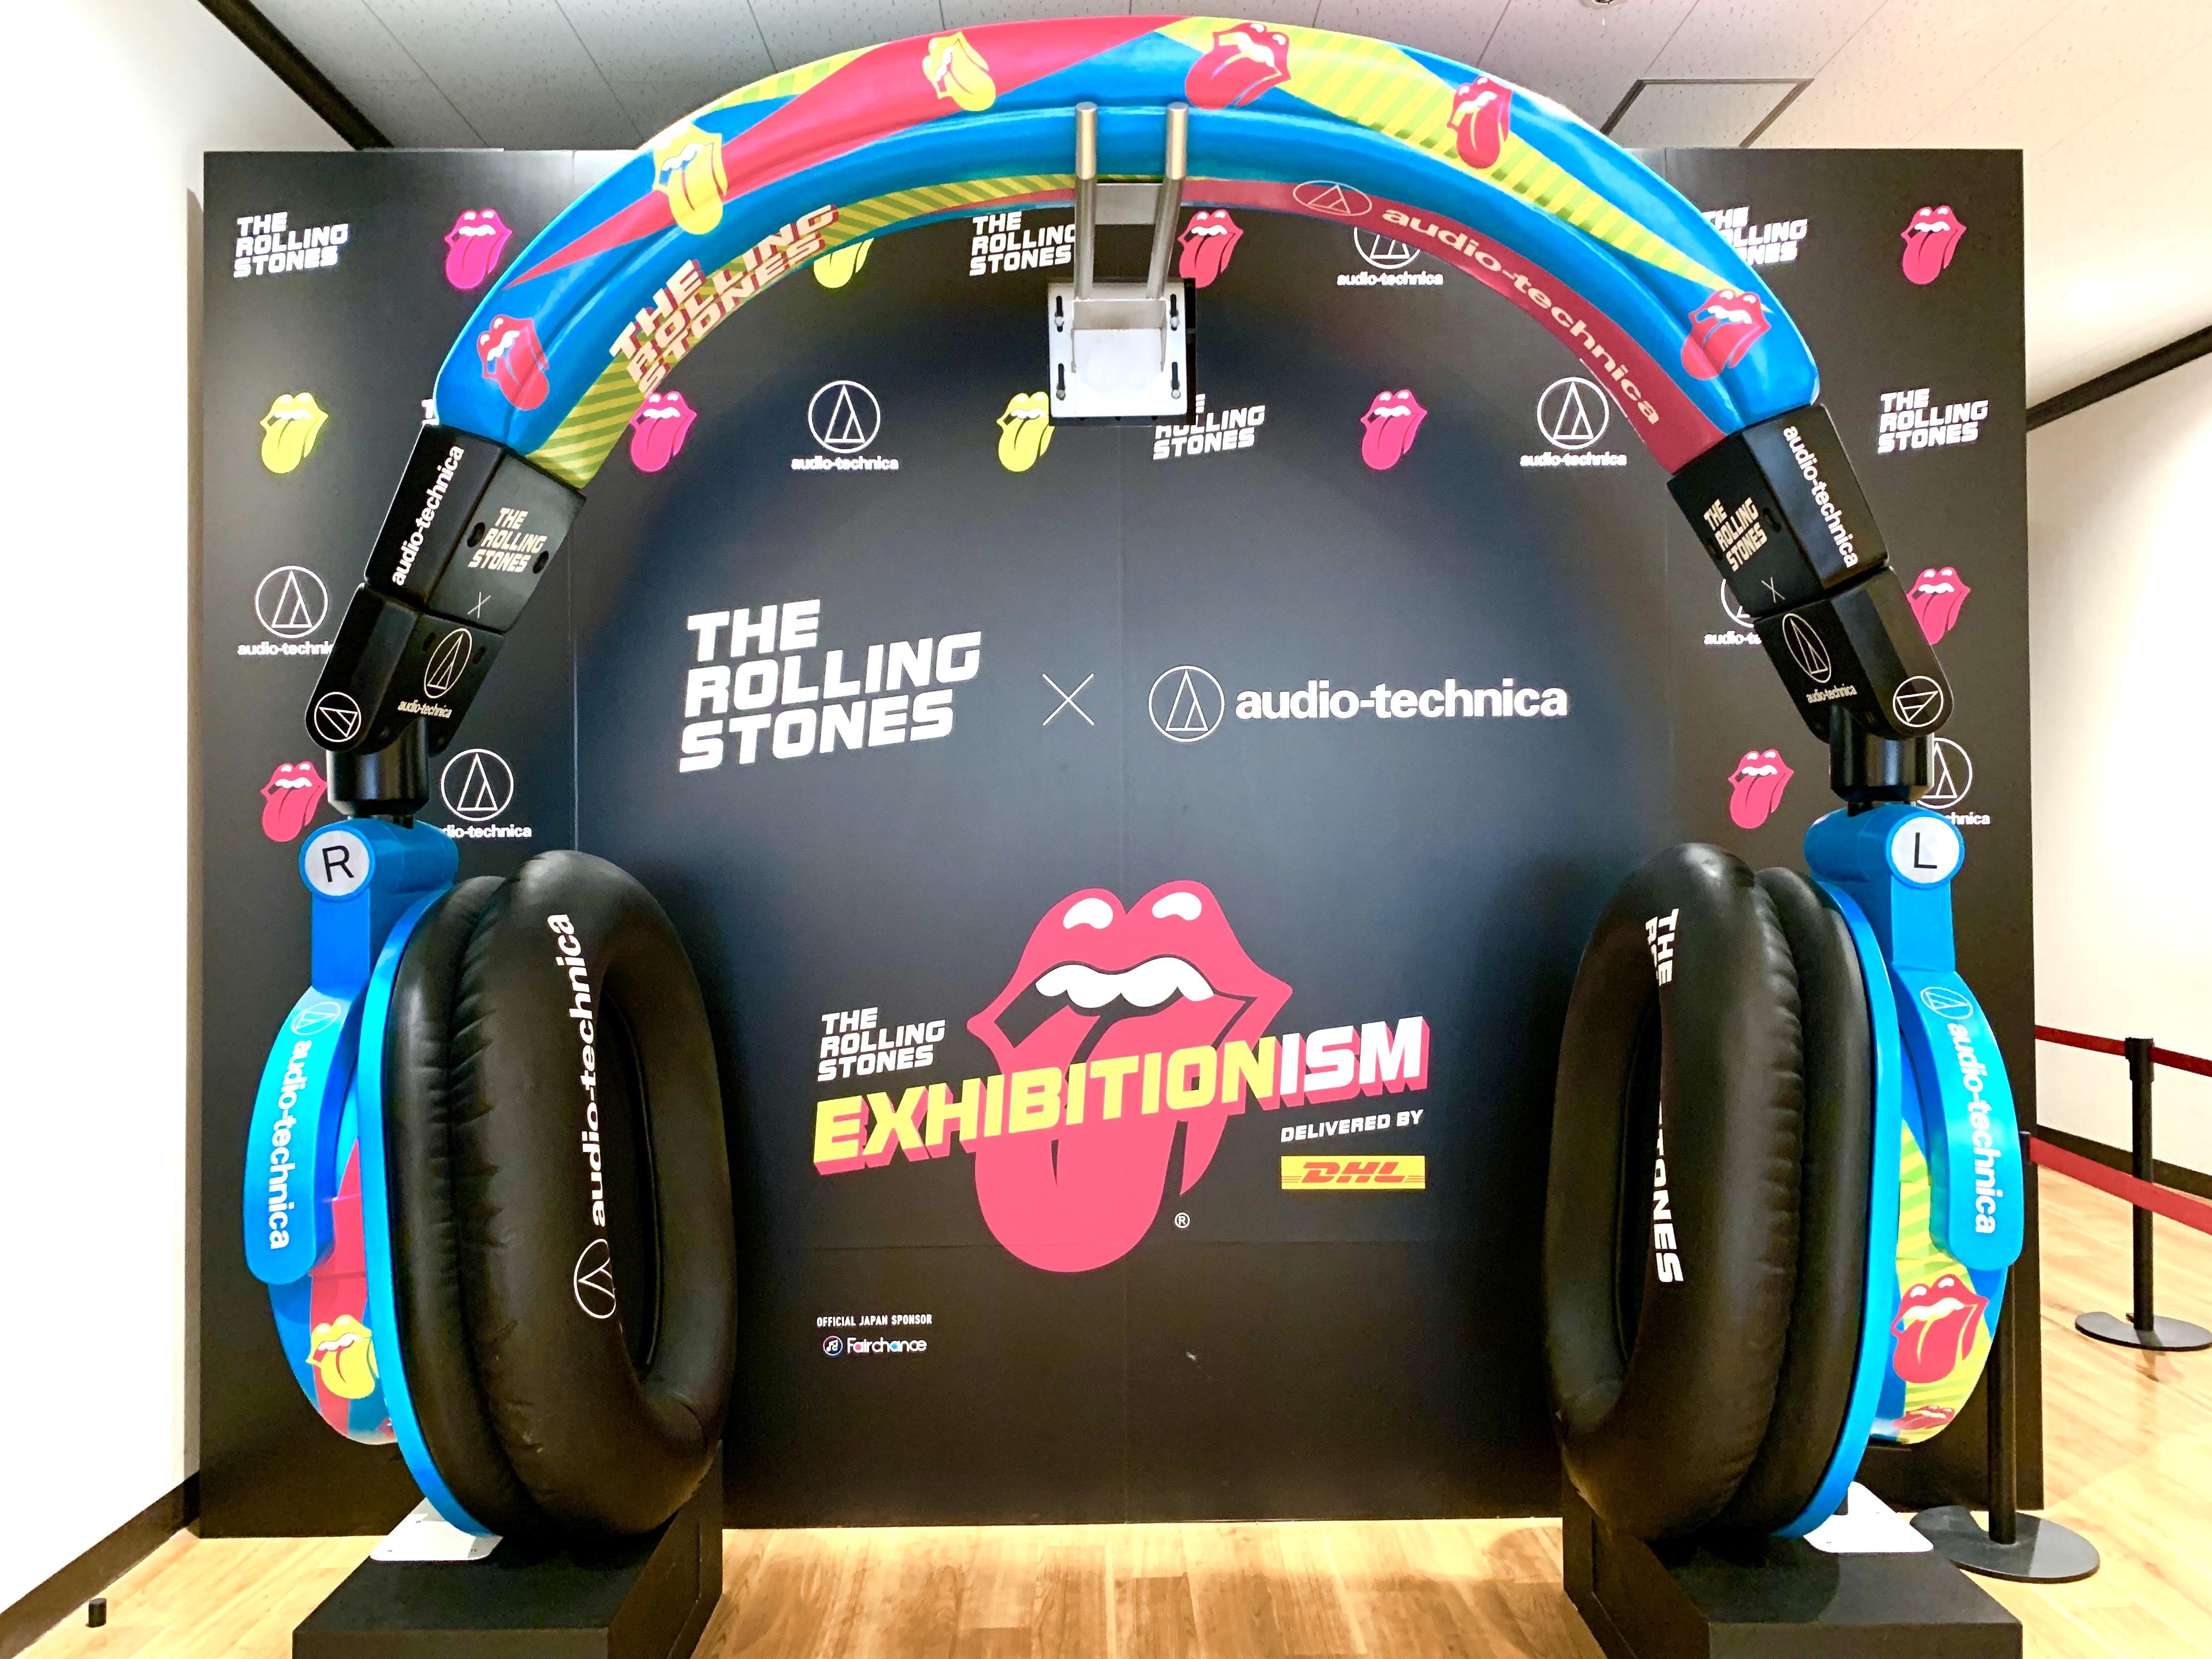 ストーンズ展で展示されていた巨大ヘッドフォン